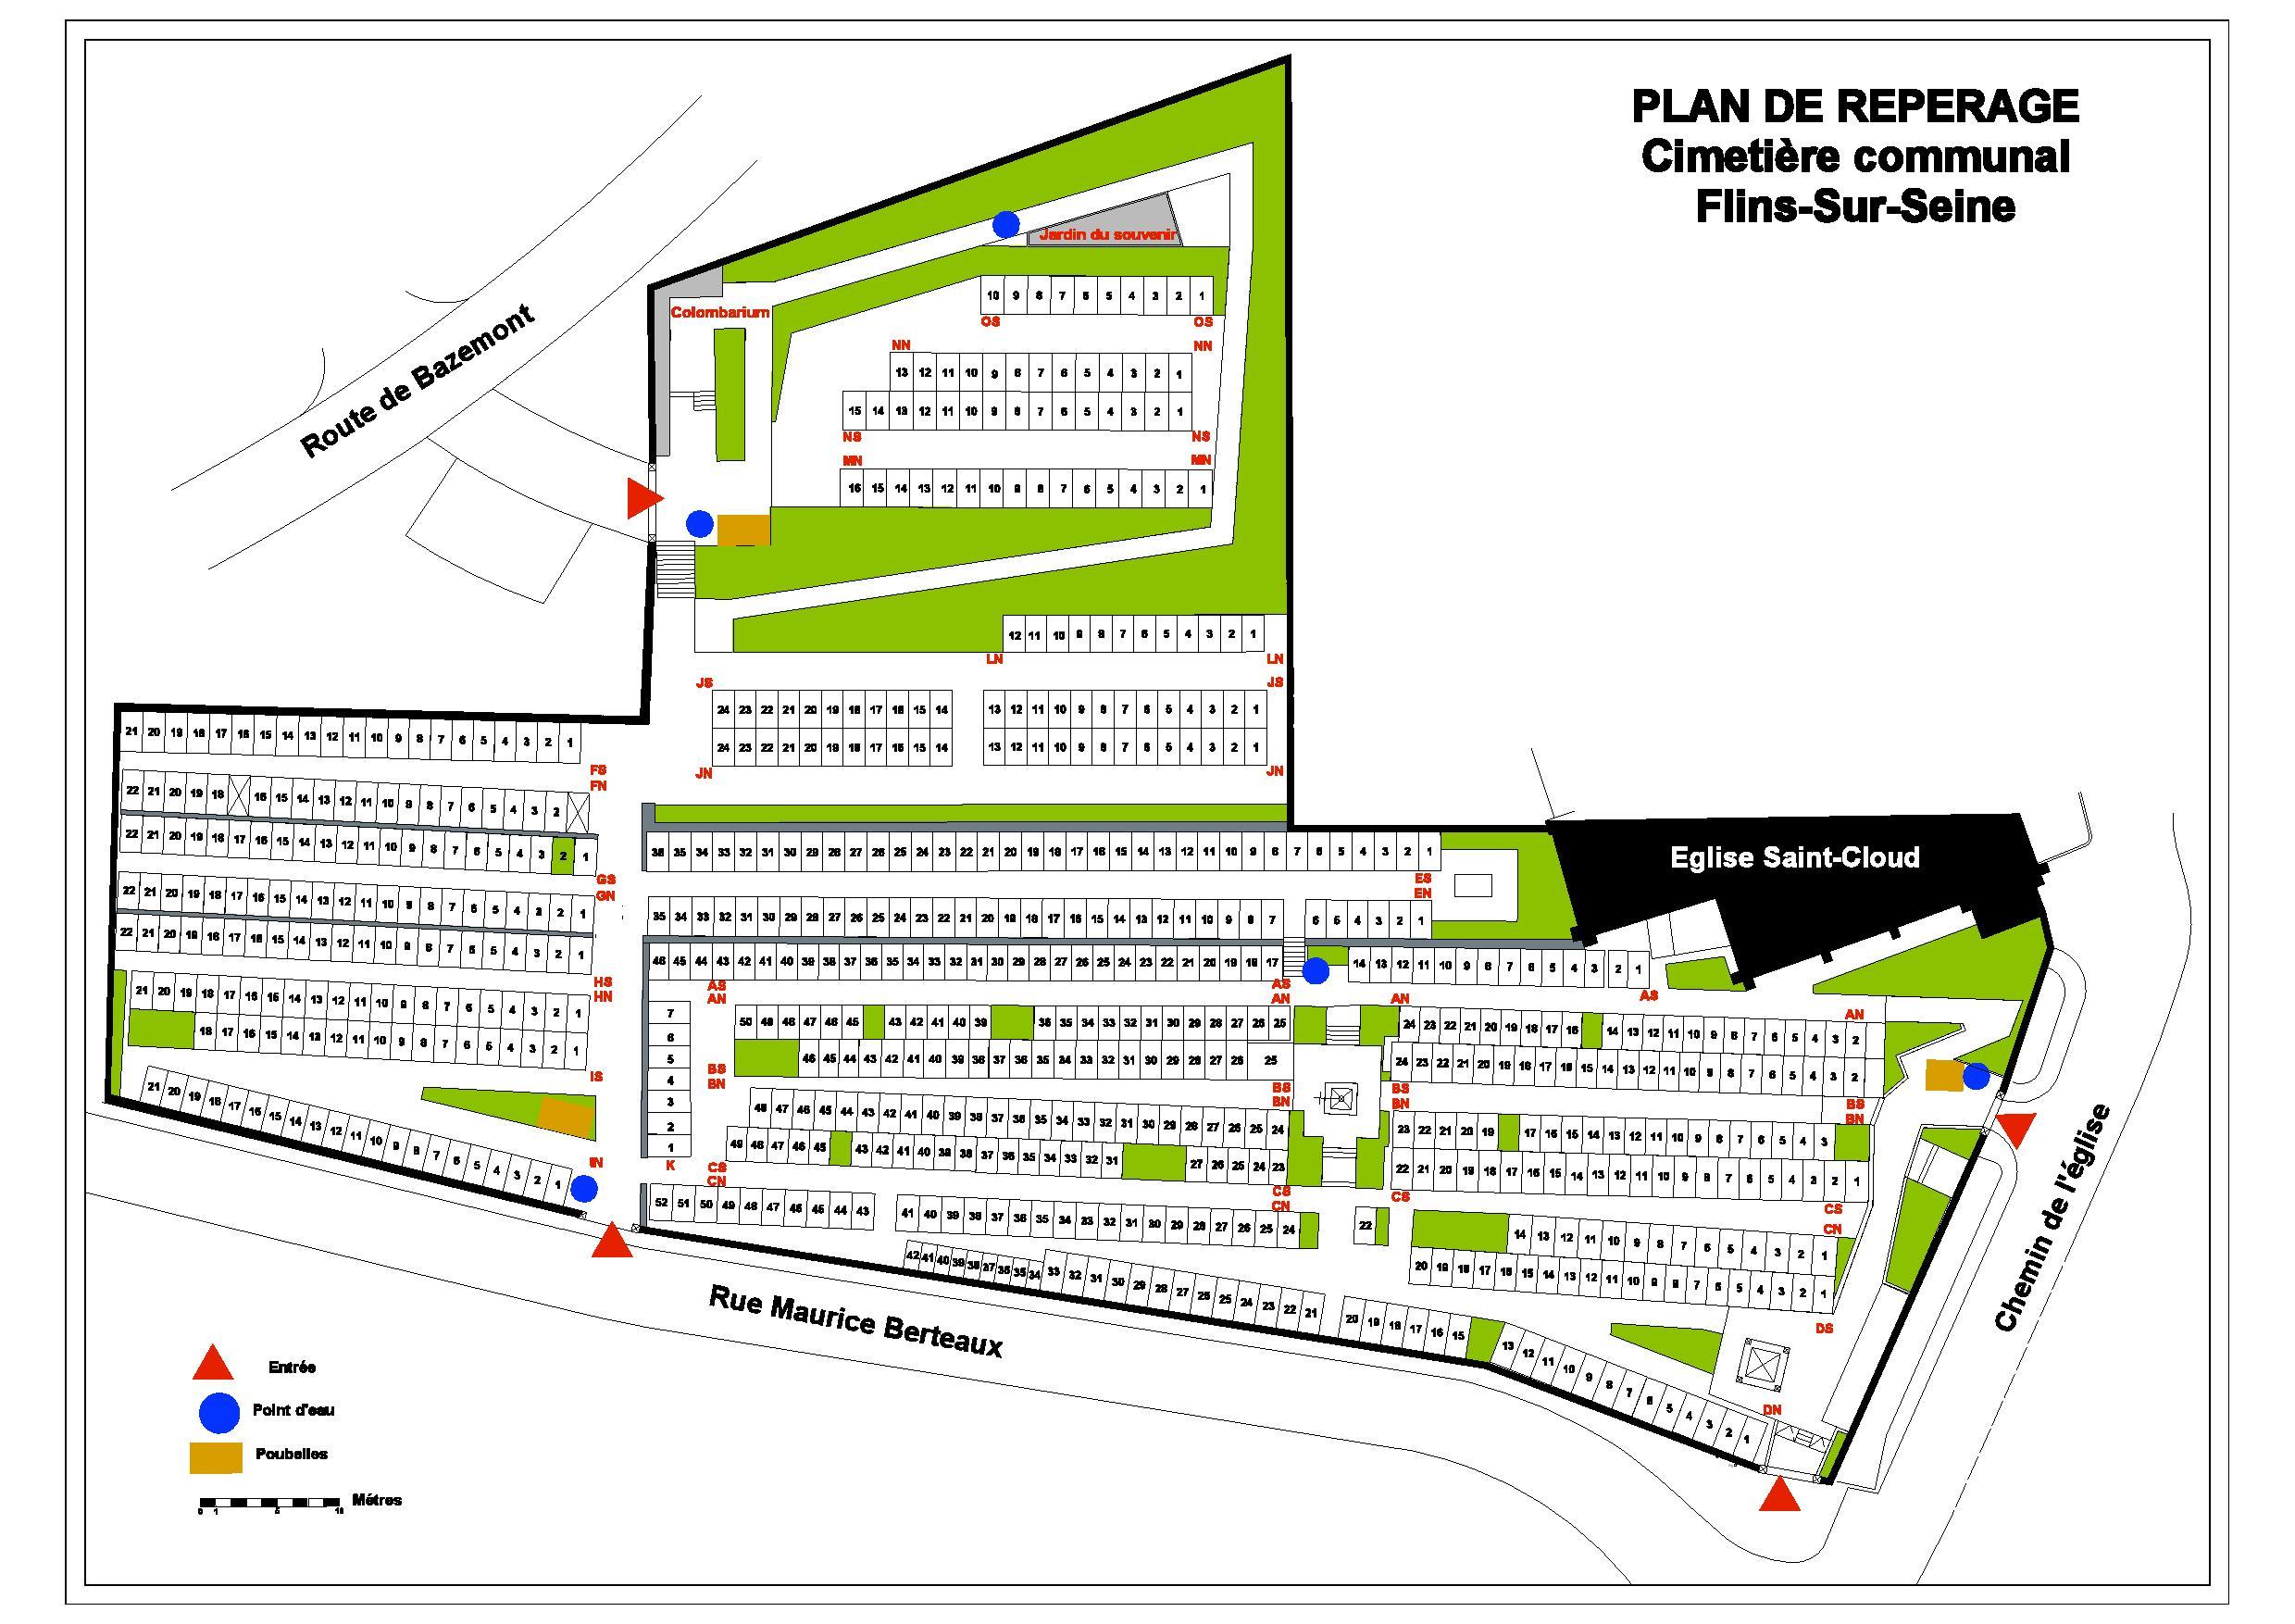 PLAN DEFINITIF-page-001.jpg